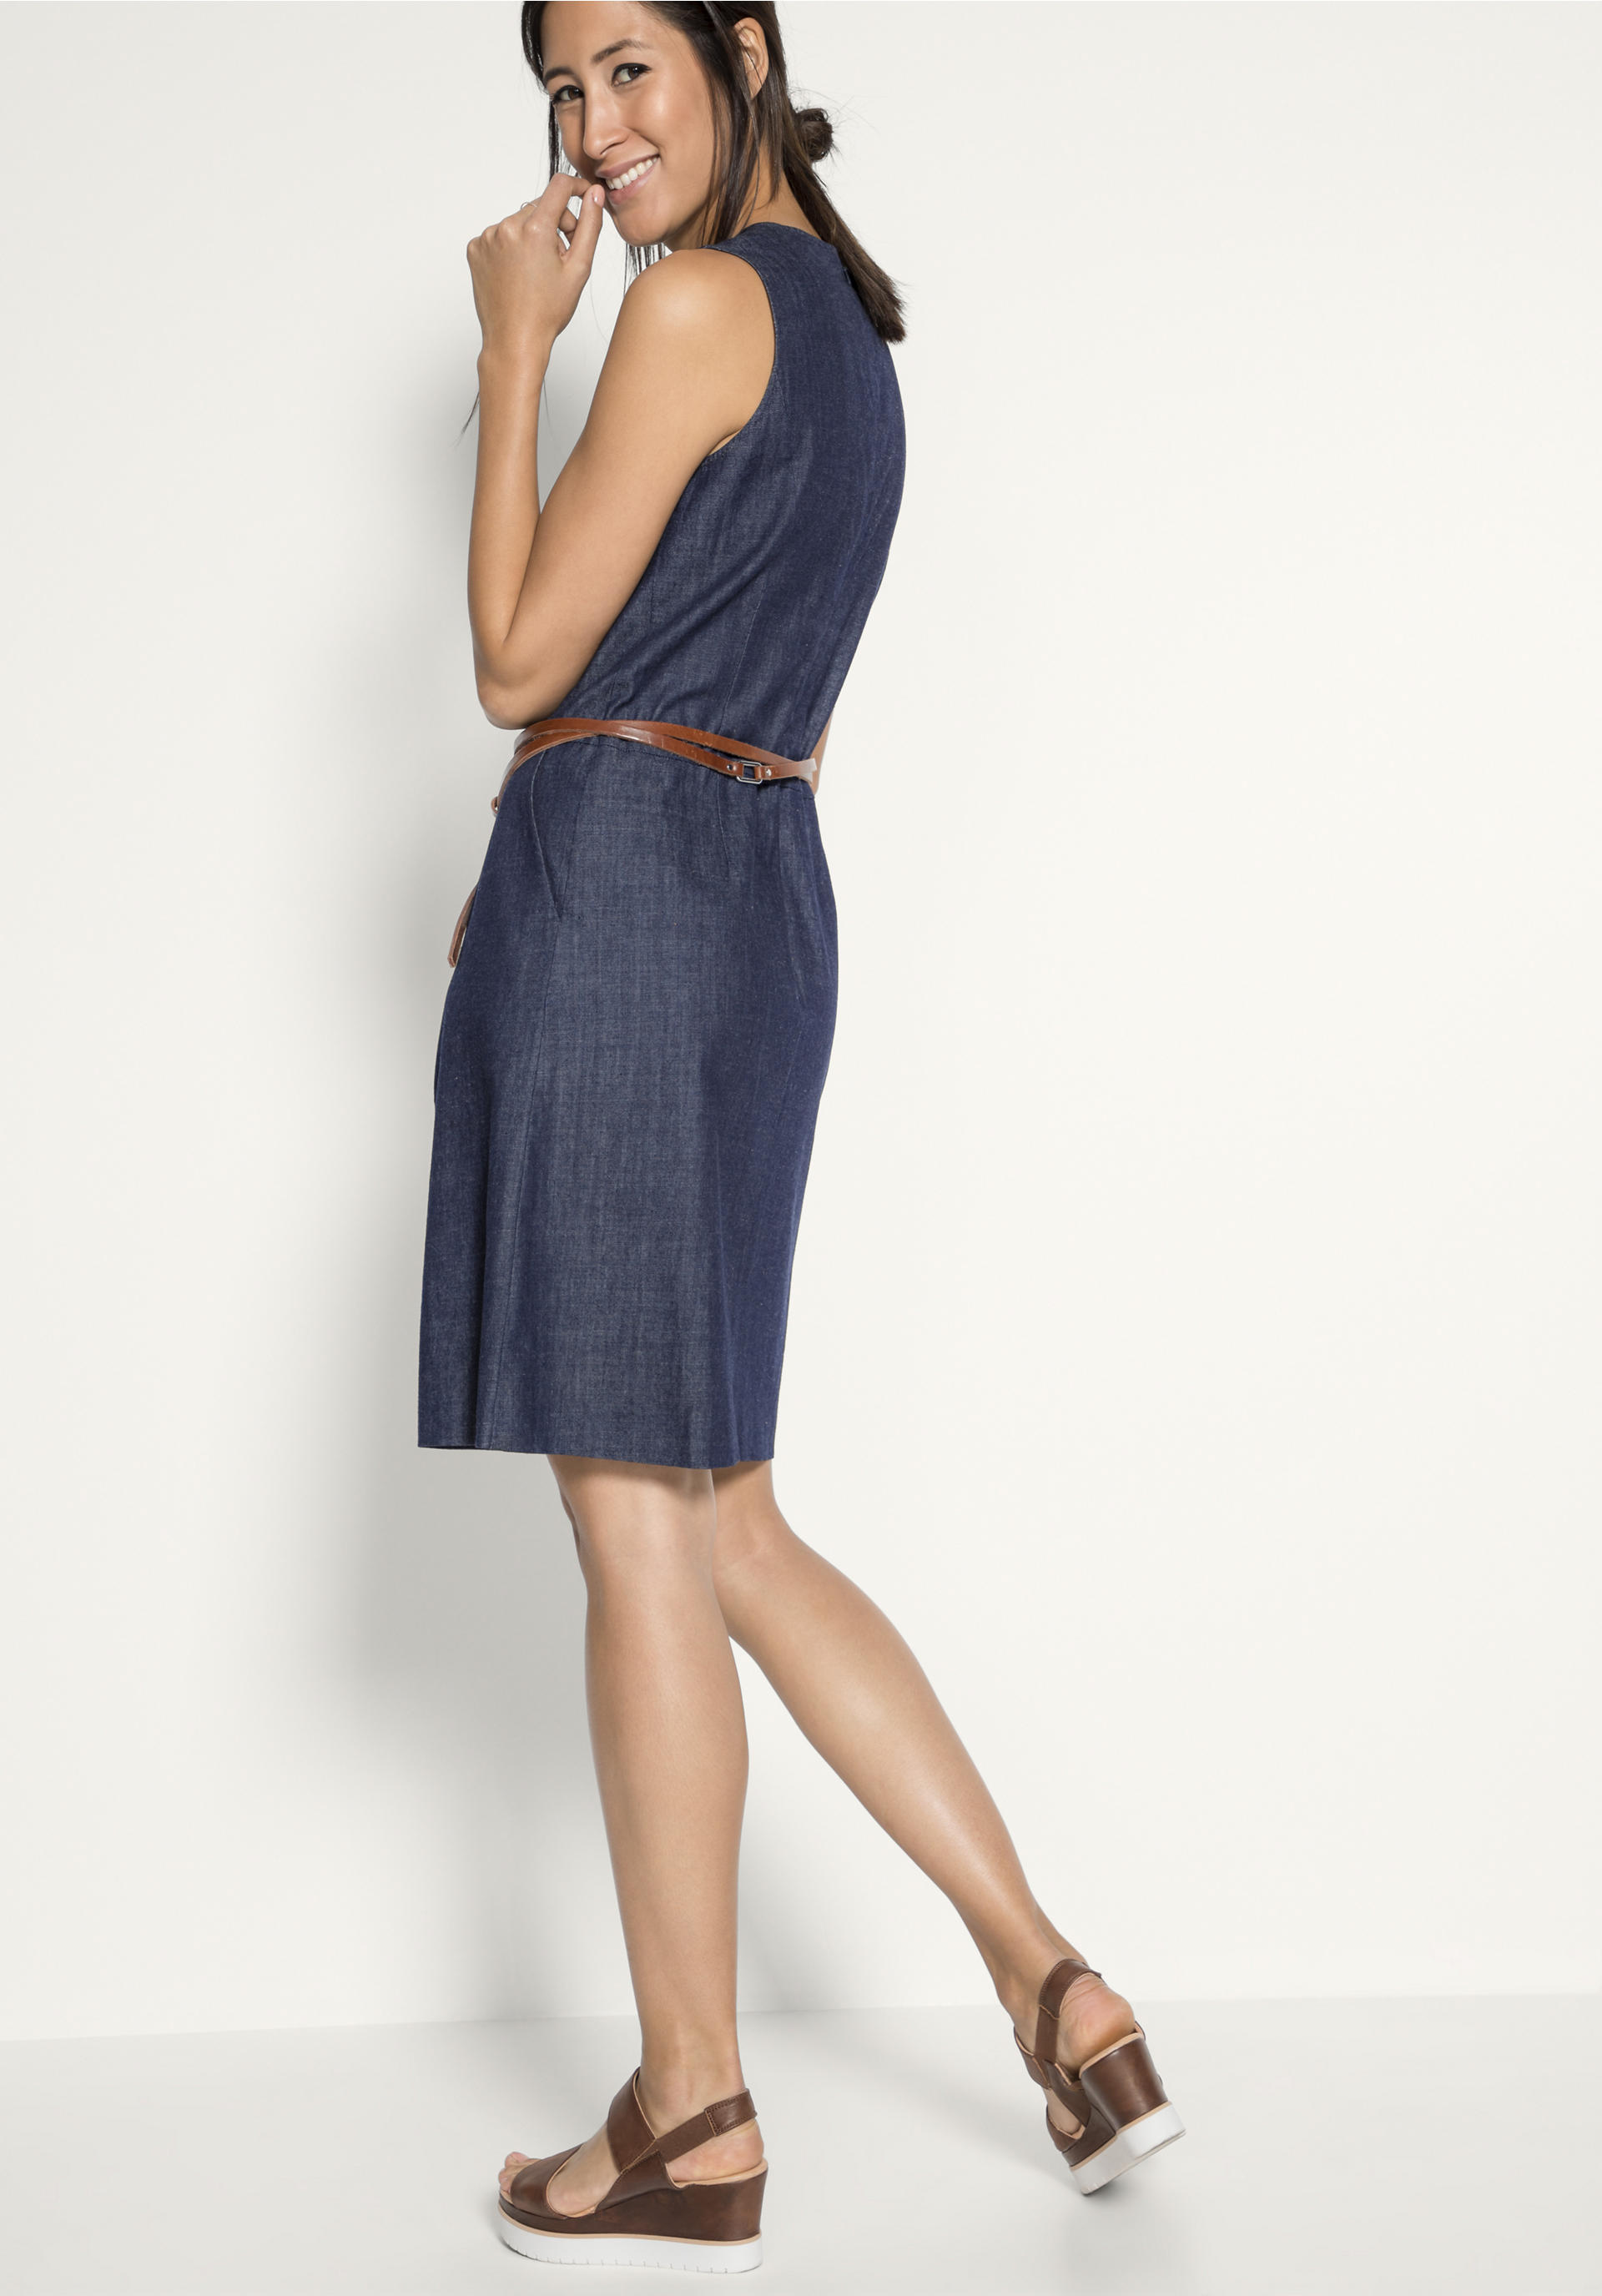 2104ca81b70acd Jeanskleid aus reiner Bio-Baumwolle - hessnatur Deutschland